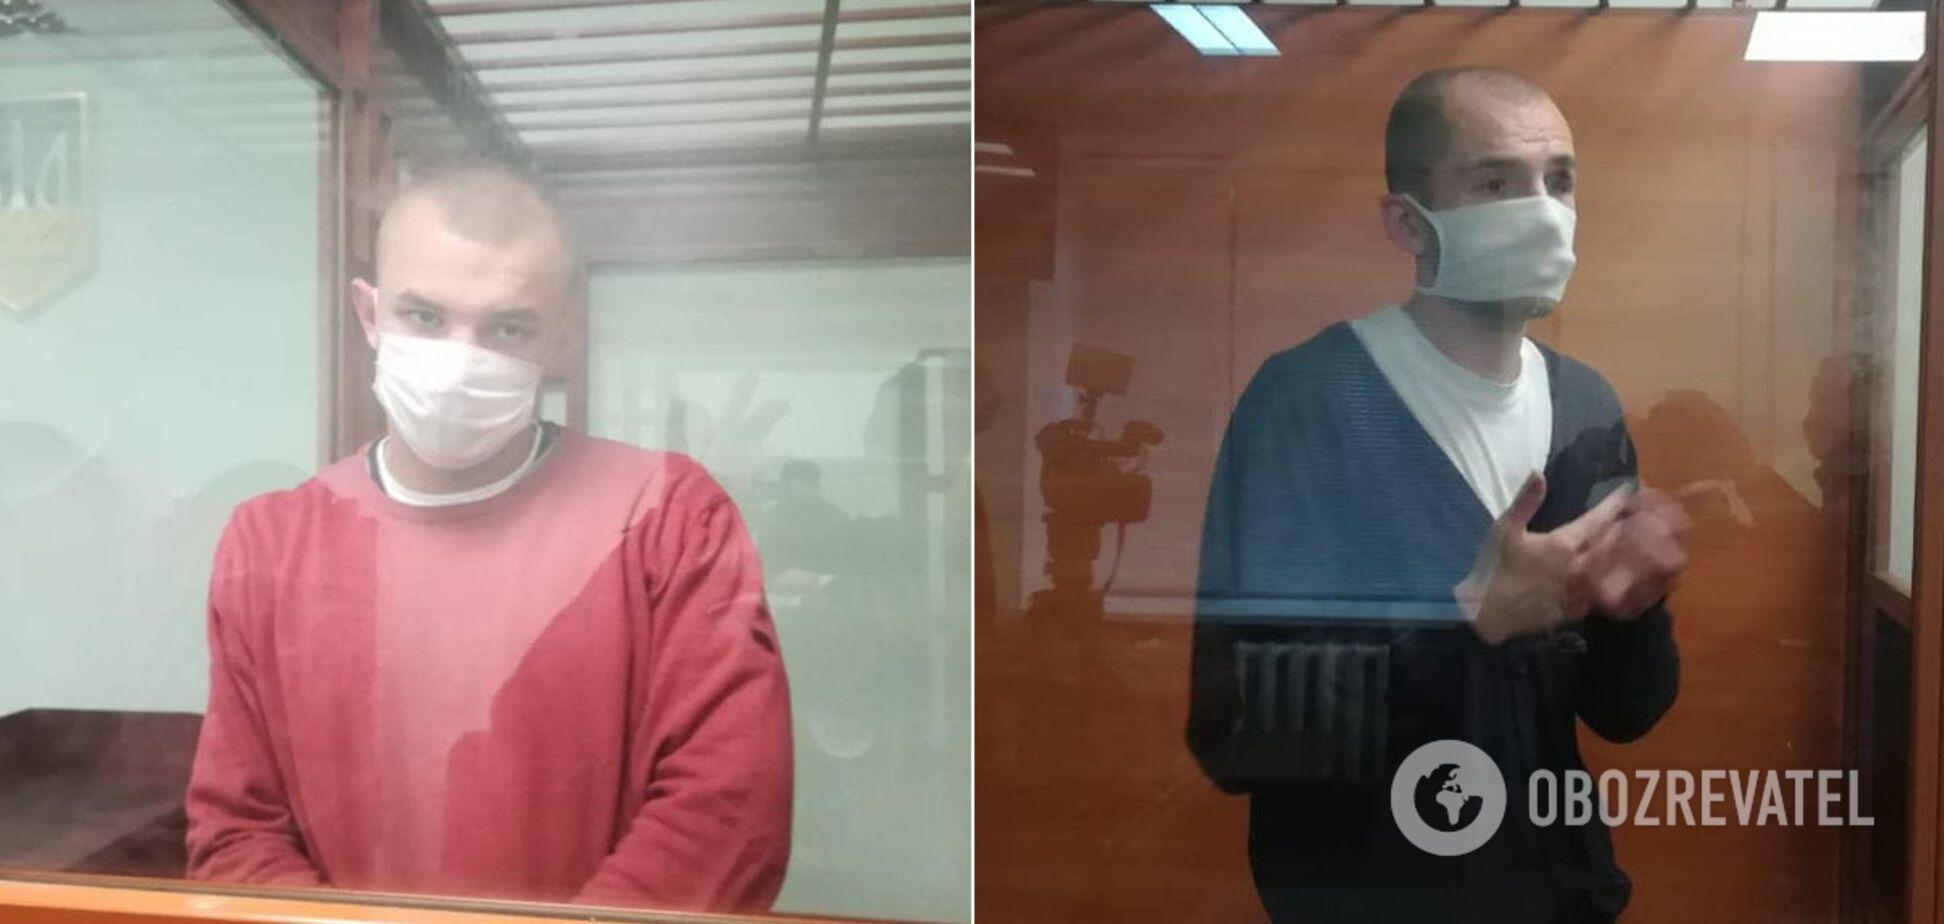 Перестрілка у Броварах: суд виніс рішення щодо 11 підозрюваних